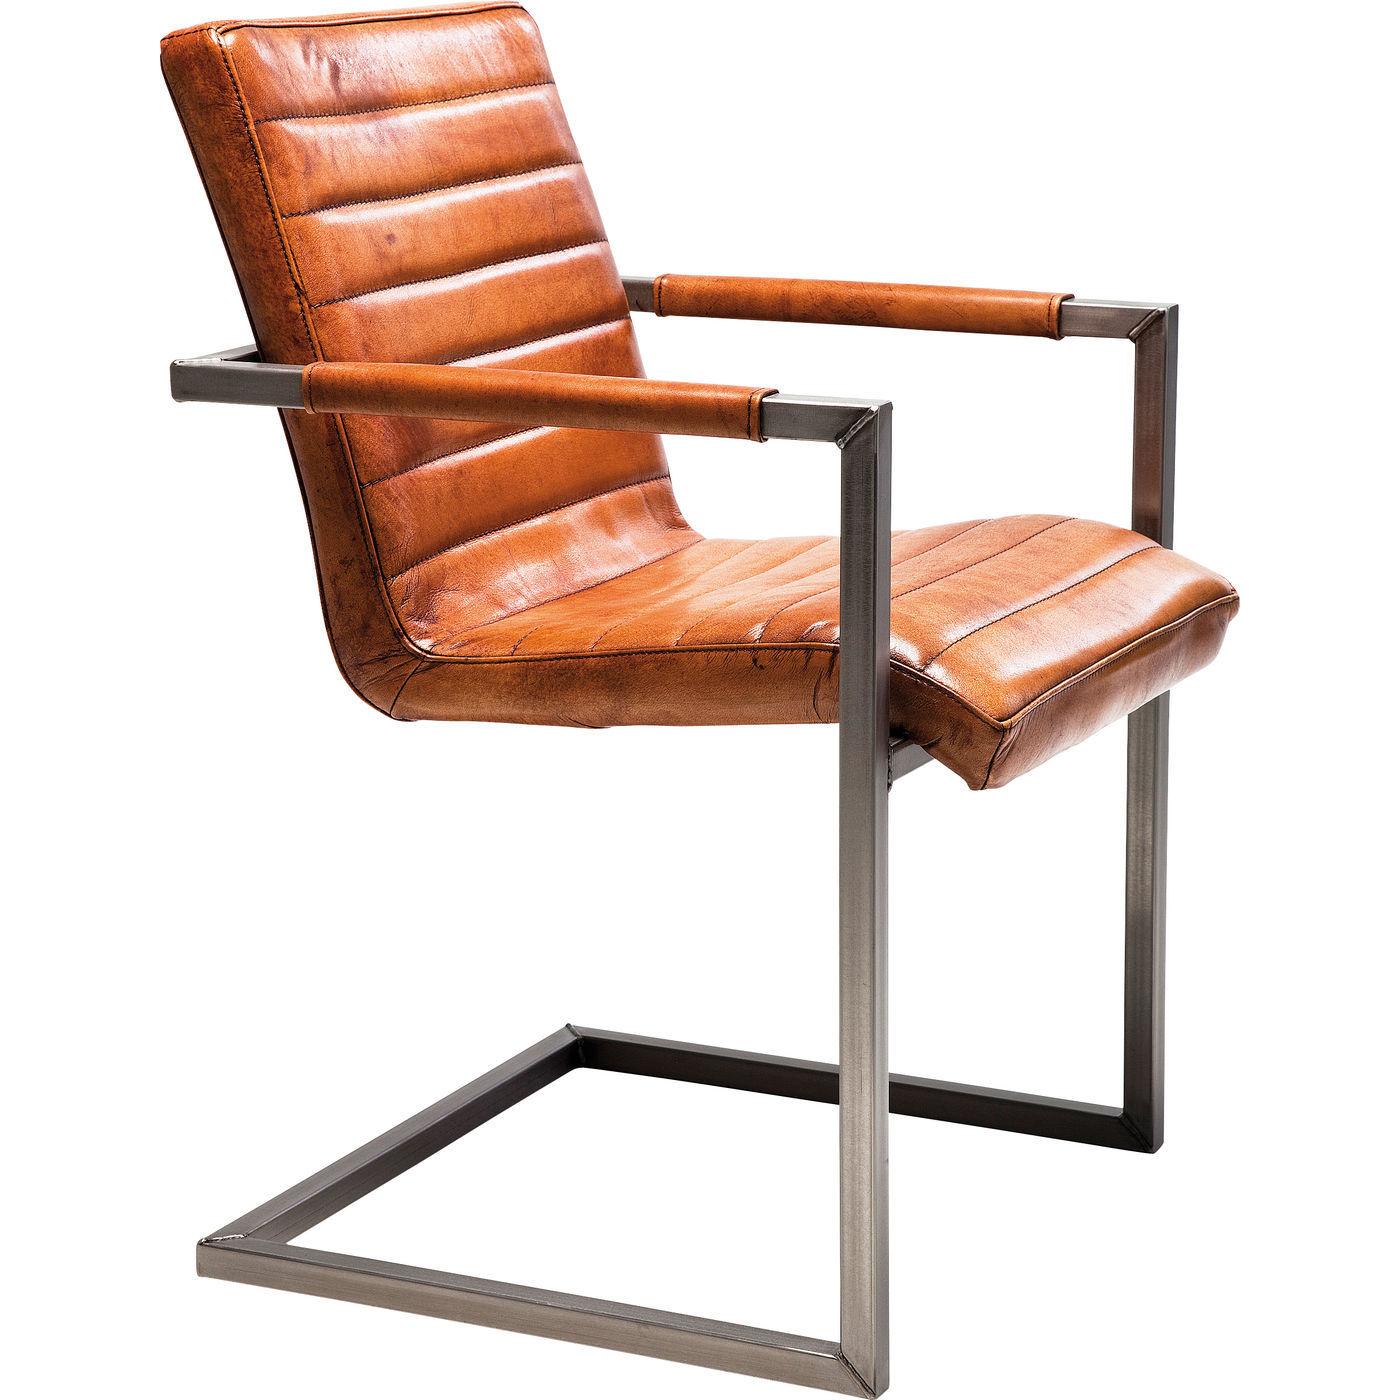 Stuhl freischwinger schwingstuhl b rostuhl armlehnstuhl for Kare design stuhl costa